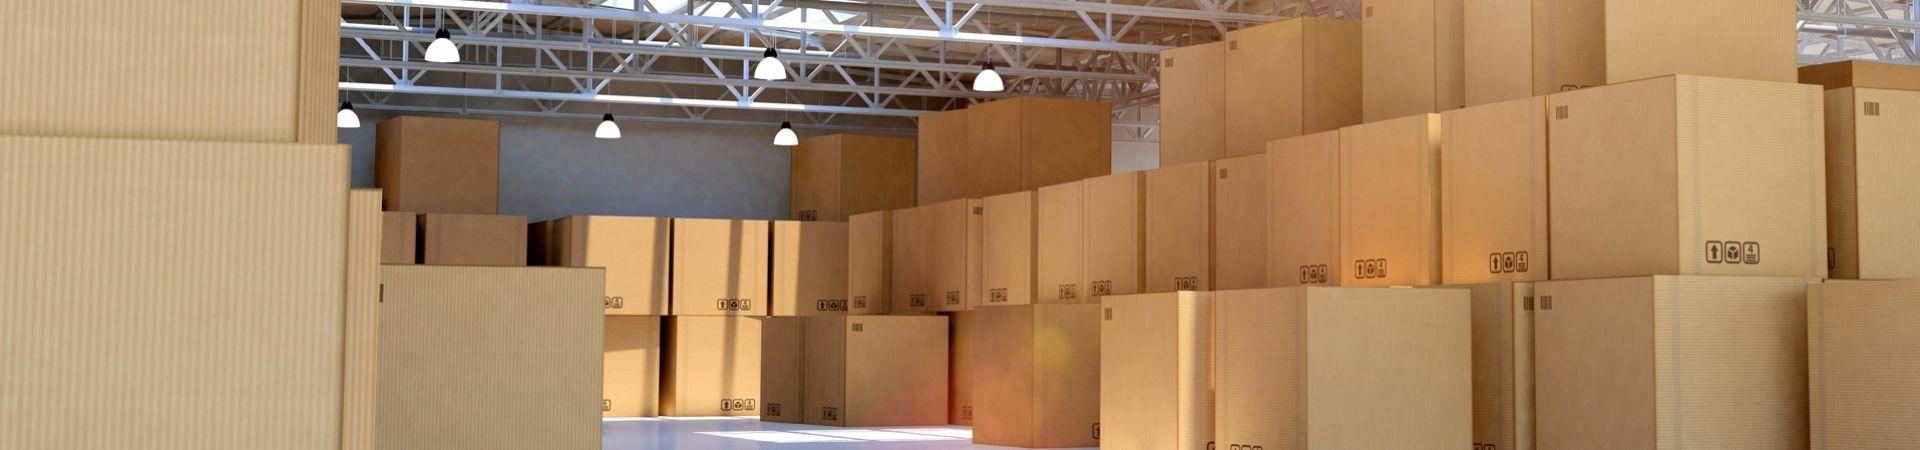 Slider boxes